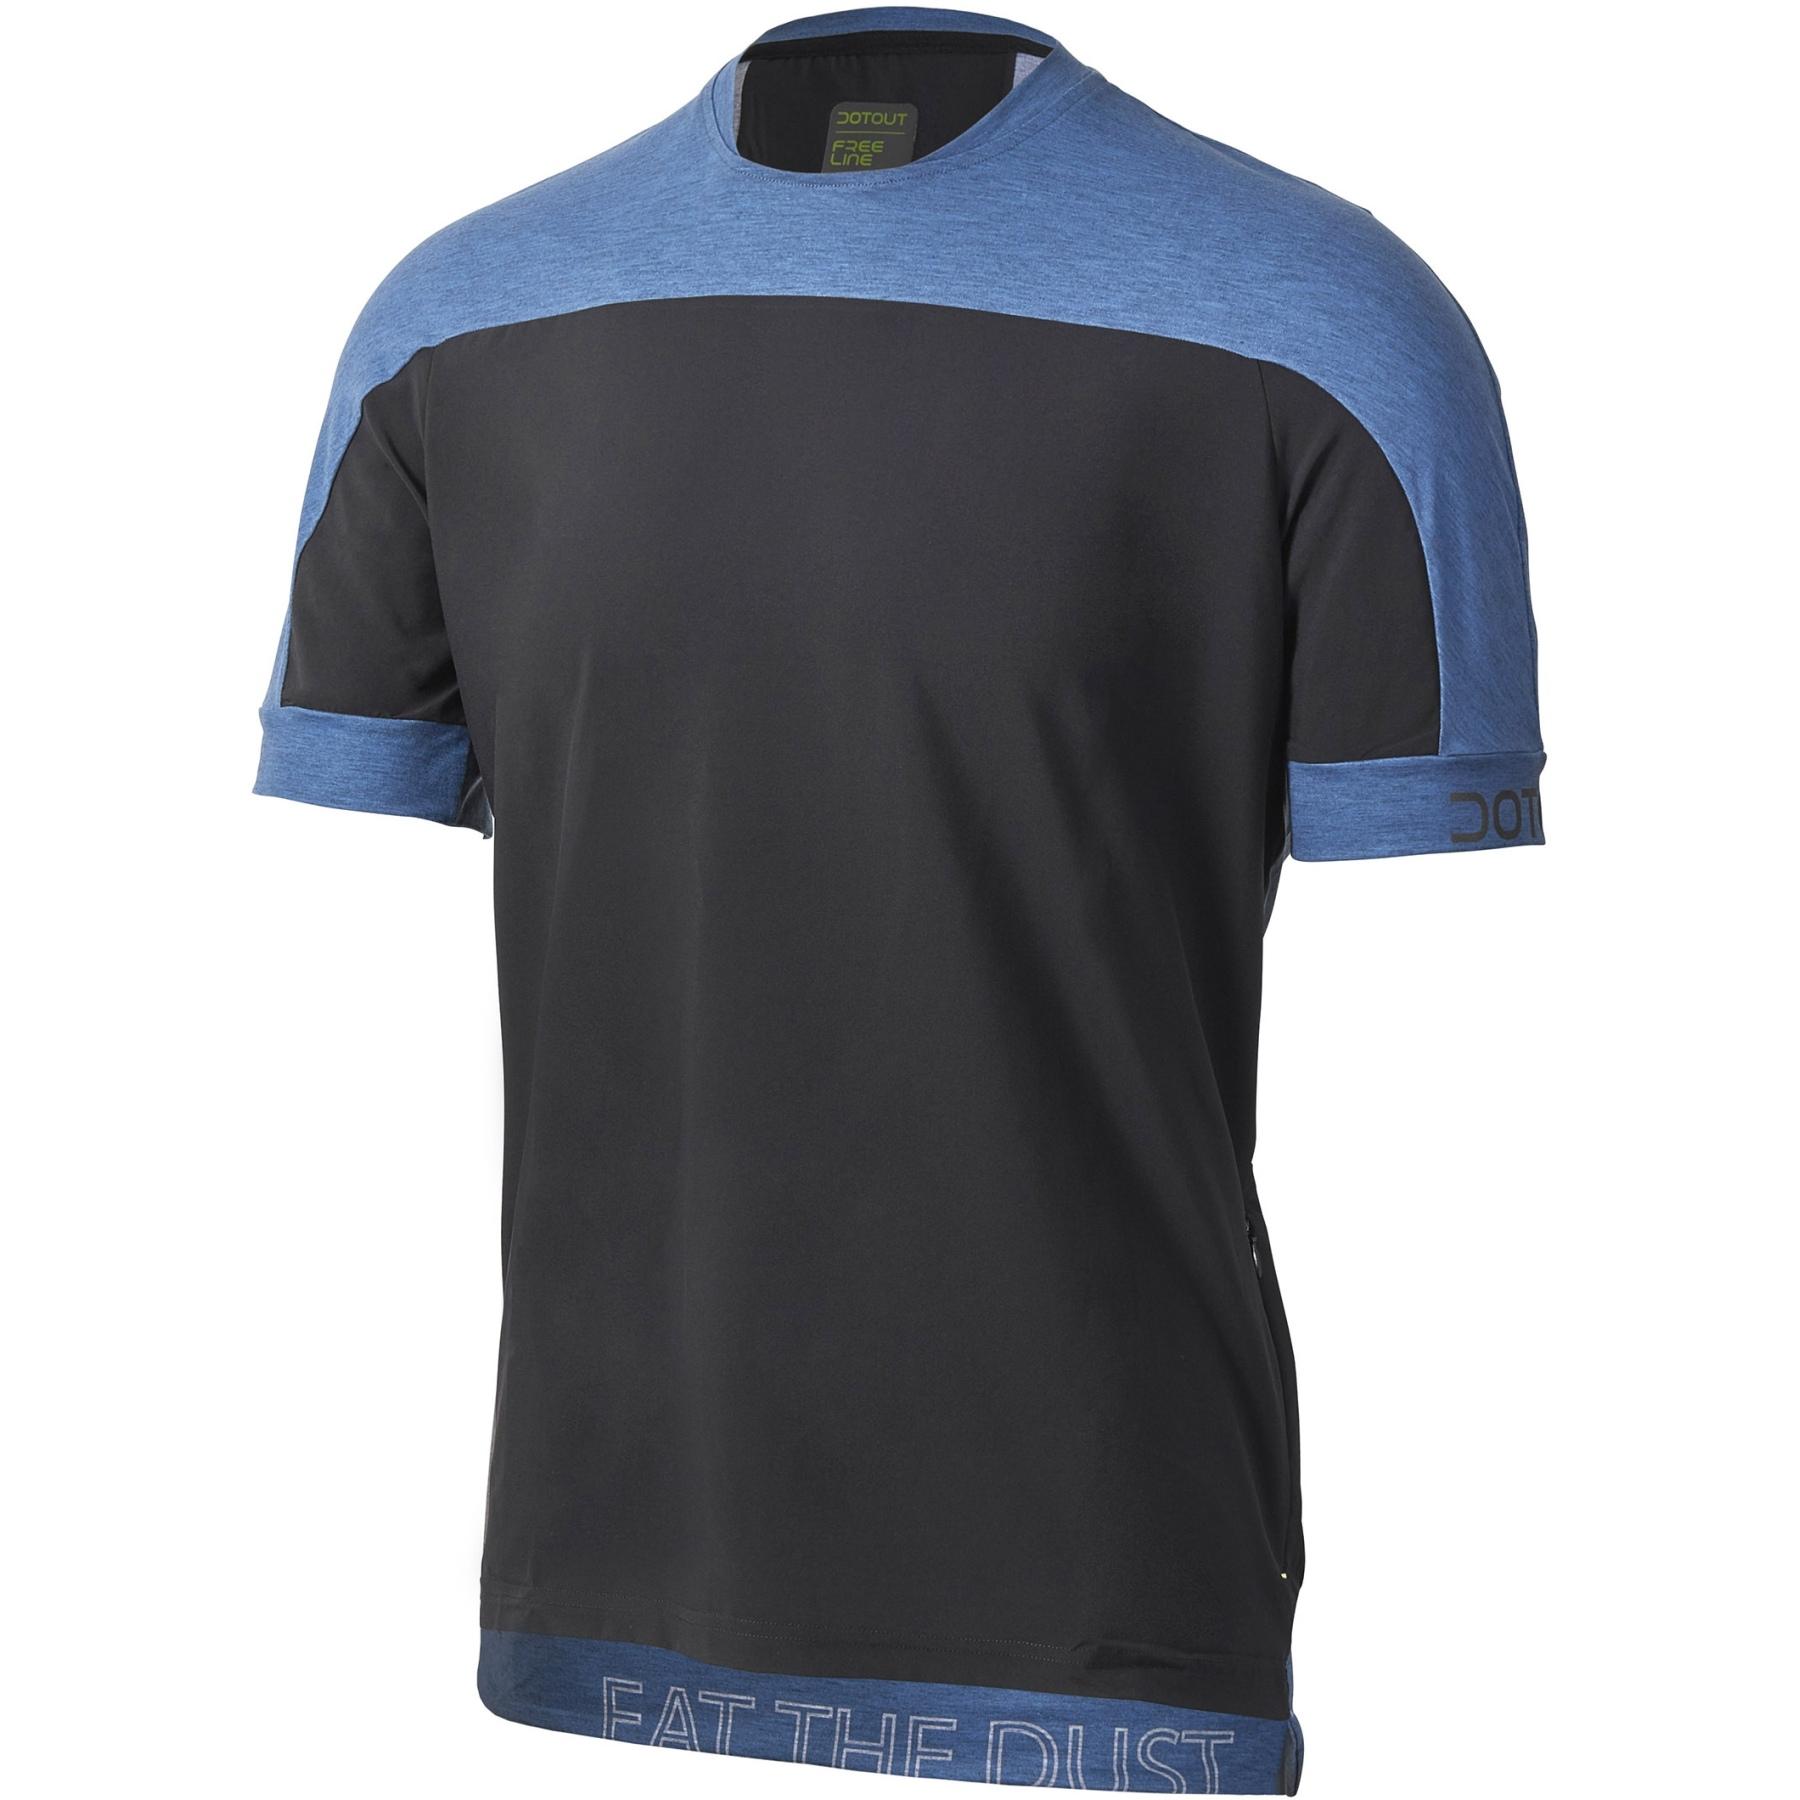 Picture of Dotout Cross T-Shirt - black/melange blue